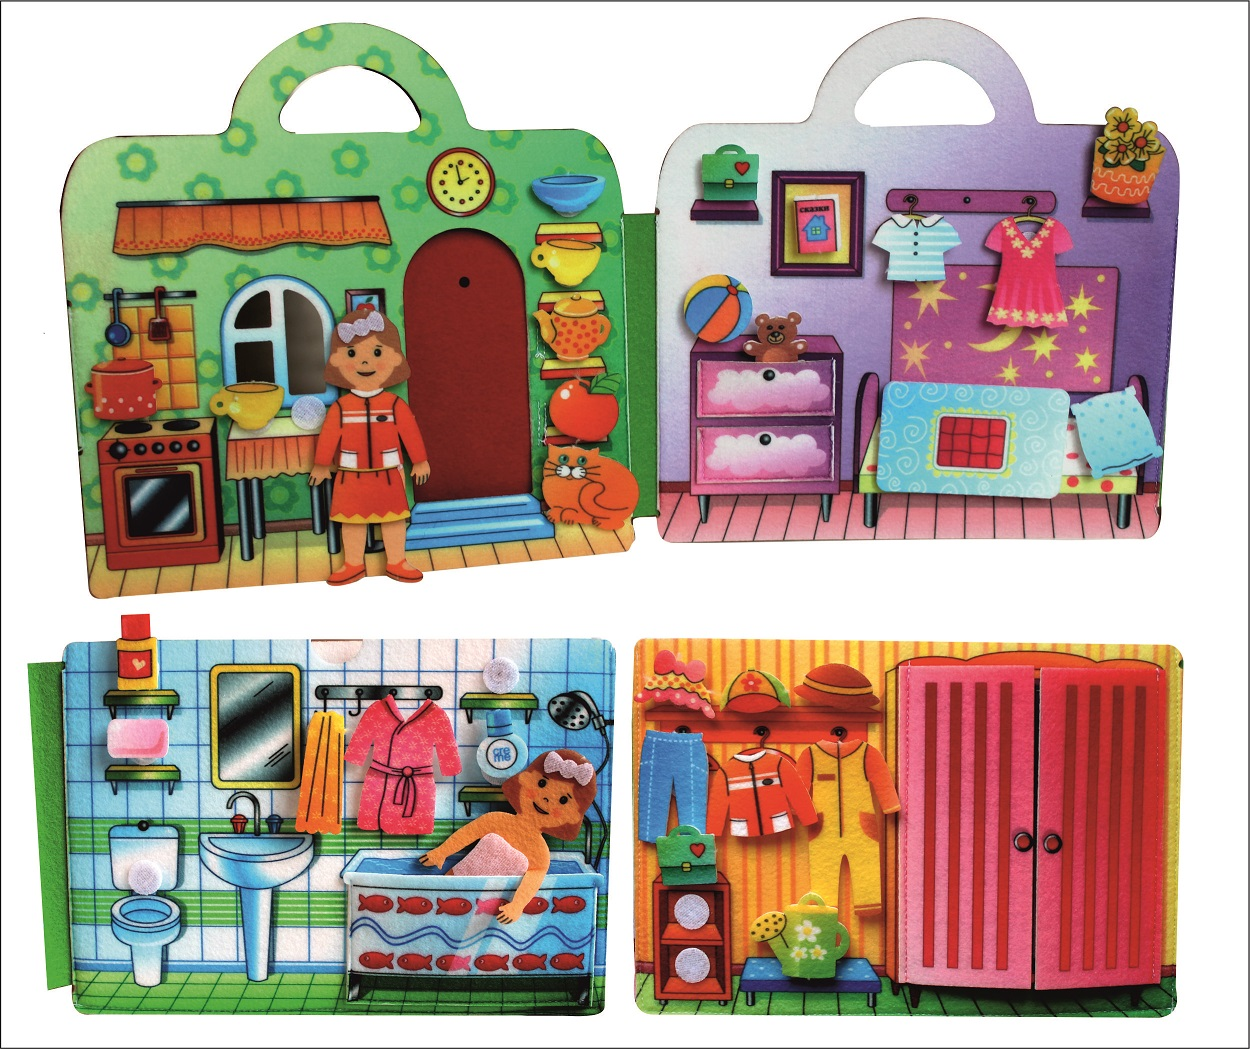 Сумка-игралка Кукольный домик - Материал: фетр Размер сумки:  22 см*21 см Высота куклы: 11 см (1шт)